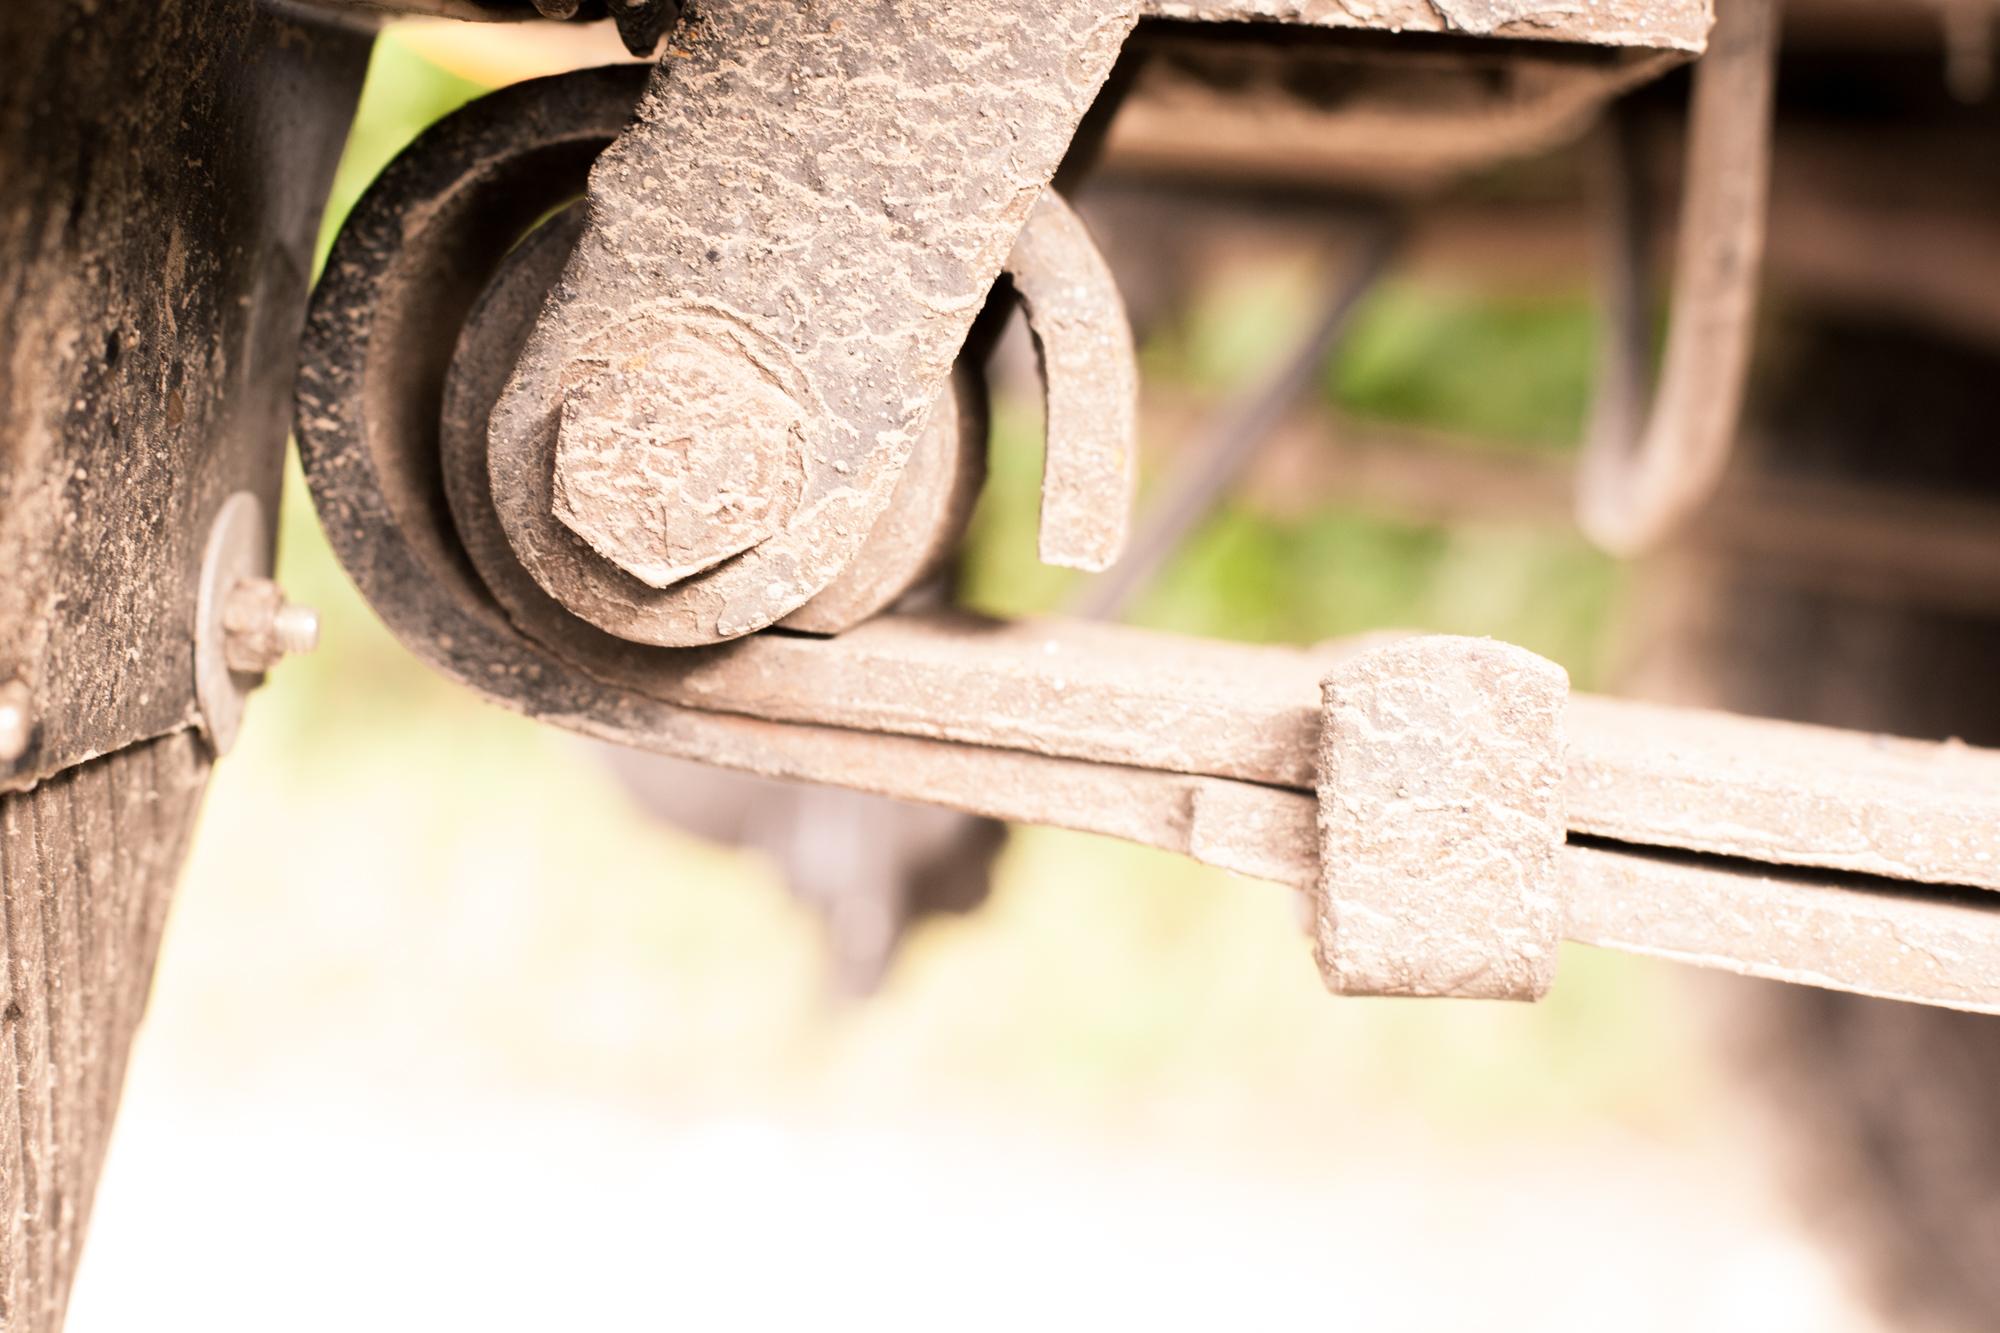 Fahrwerk - Oft ist die zweite Lage noch ganz oder teilweise um das Auge gewickelt.